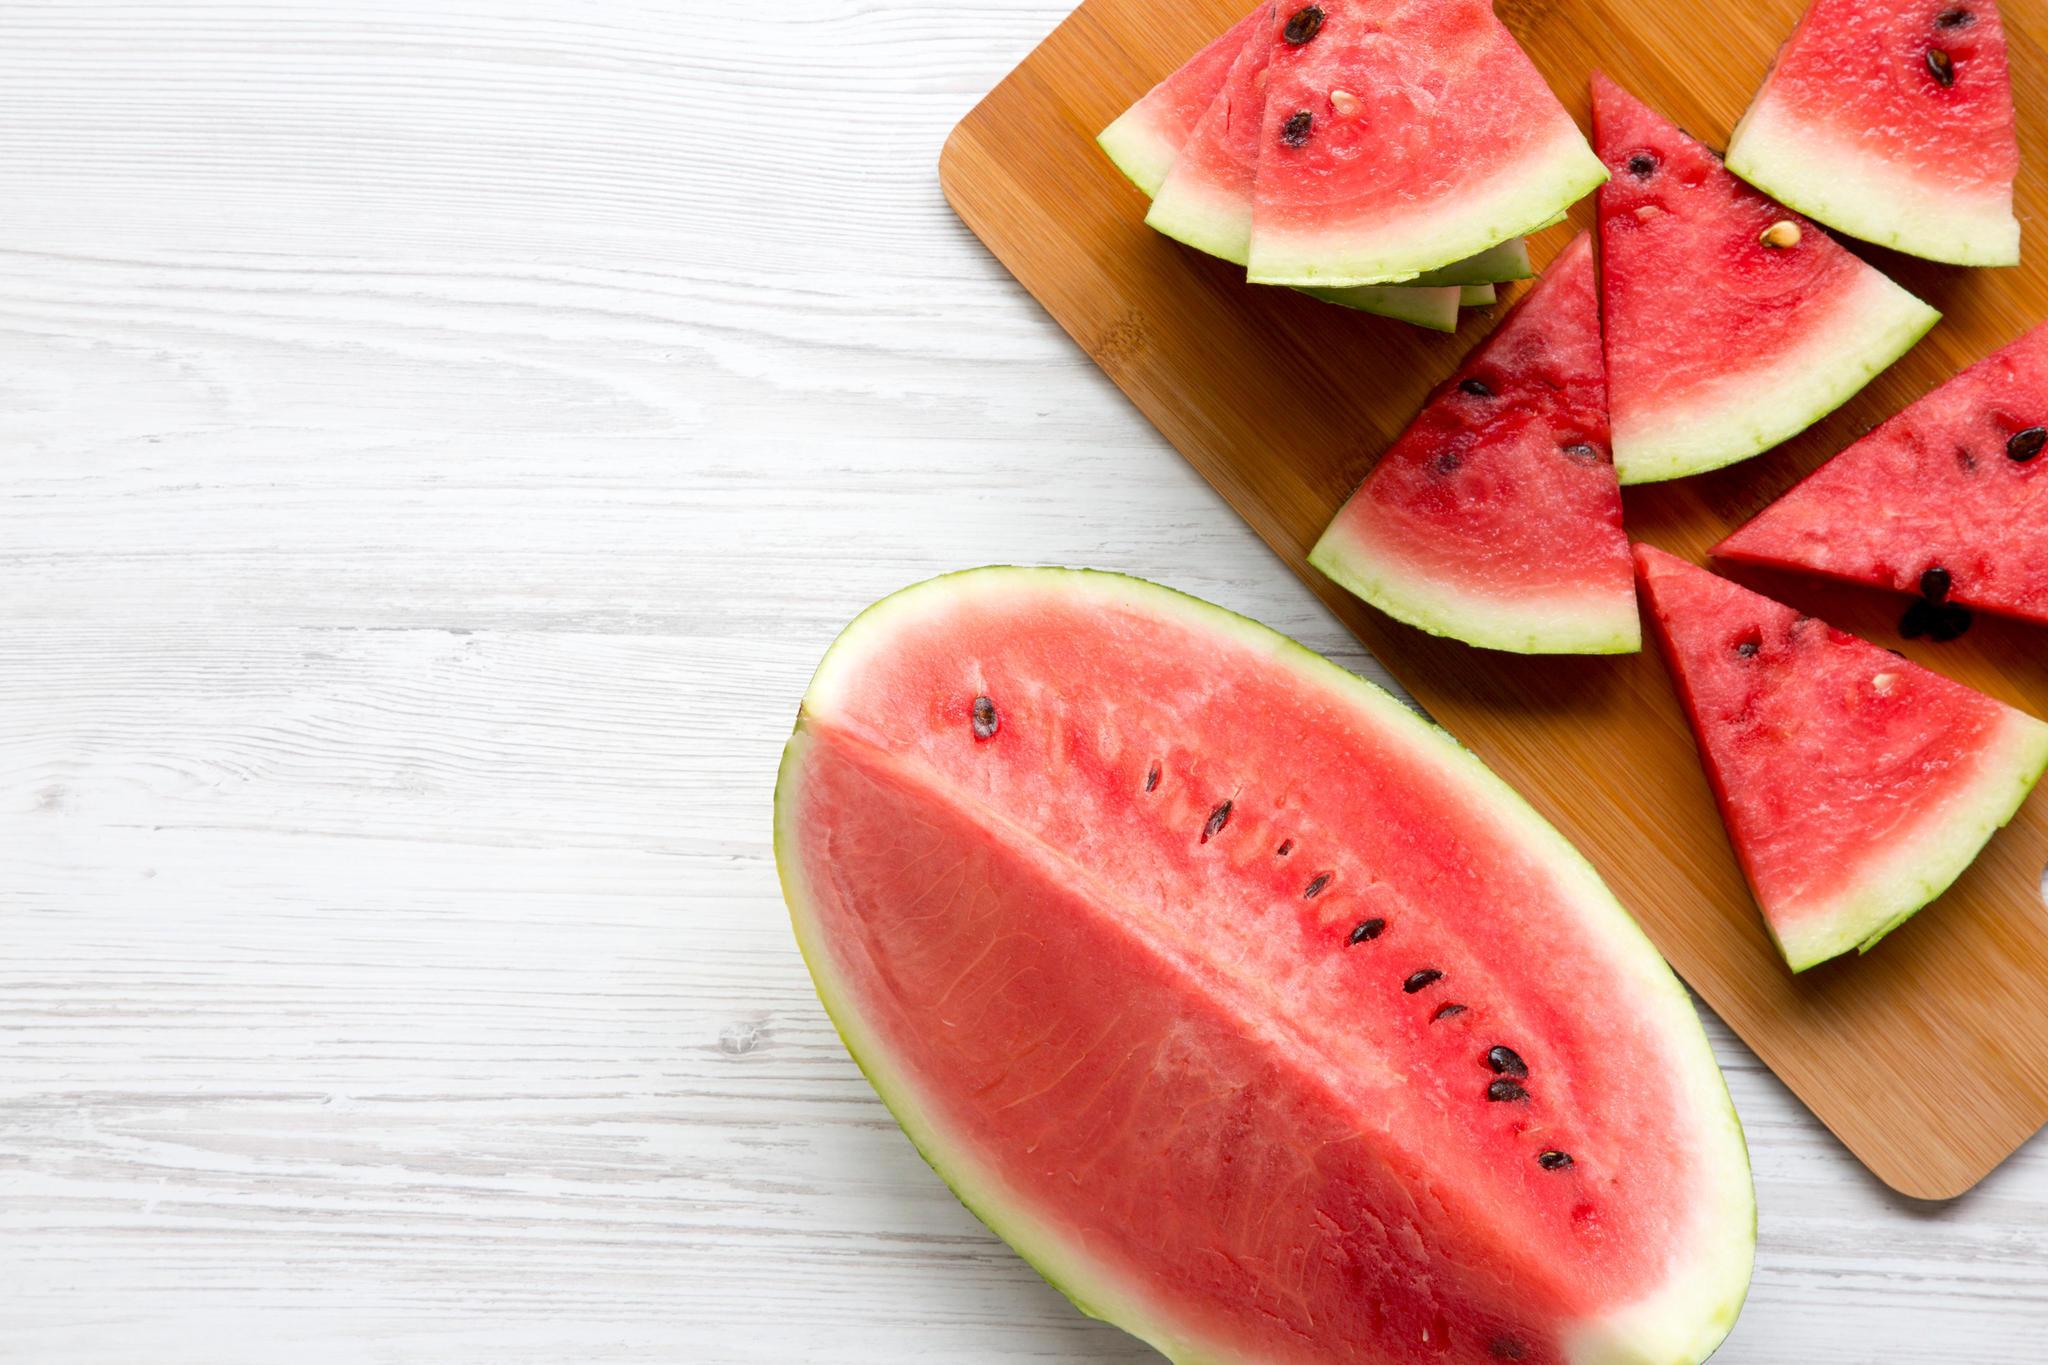 Melonen helfen beim Abnehmen